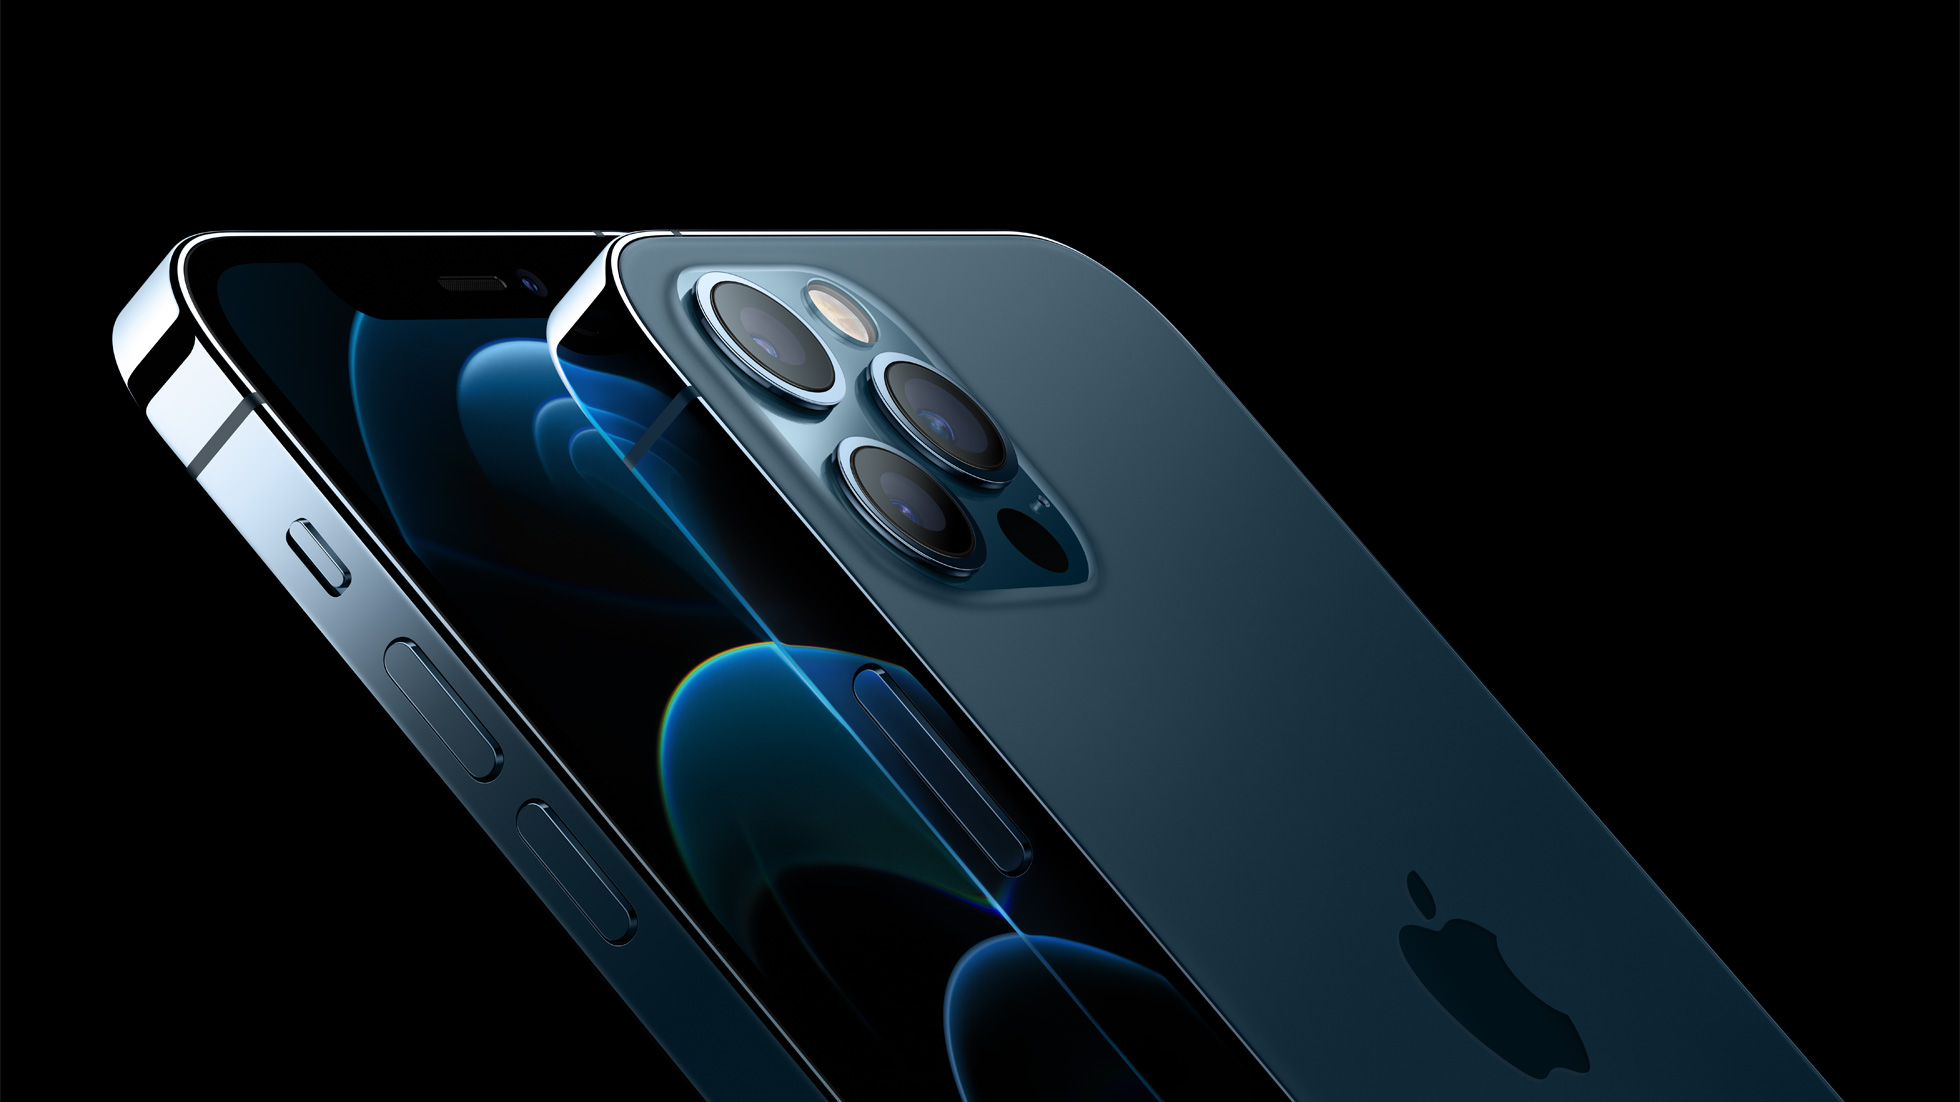 ドコモ、iPhone 12シリーズ全4機種を発売。16日から予約開始